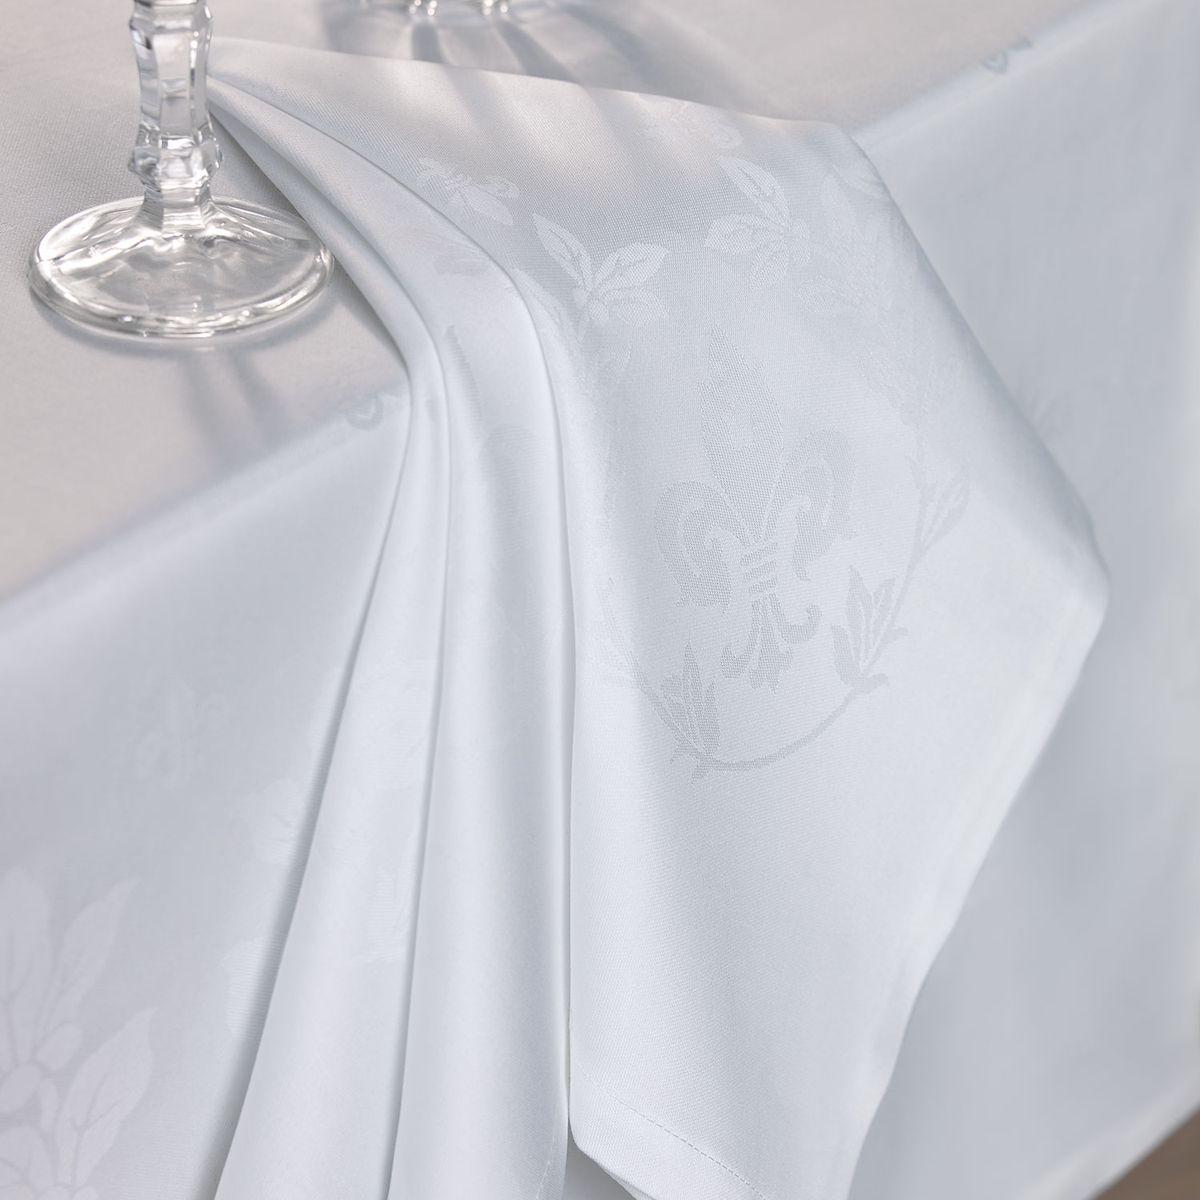 Салфетка для сервировки стола Togas Роял, цвет: белый, 53 х 53 см10.01.05.0011Салфетка для сервировки стола Togas Роял, выполнена из высококачественного 100% хлопка. Салфетка декорирована барочным орнаментом, имитирующим лепнину на потолке. Расходящиеся изогнутые линии узора образуют круглую центральную часть. Изделия из хлопка просты в эксплуатации, легко стираются и сохраняют свои эстетические свойства в течение долгого времени. Натуральные, мягкие и комфортные, салфетки из хлопка прослужат вам долгие годы и станут незаменимым элементом декора - и вашего личного комфорта.